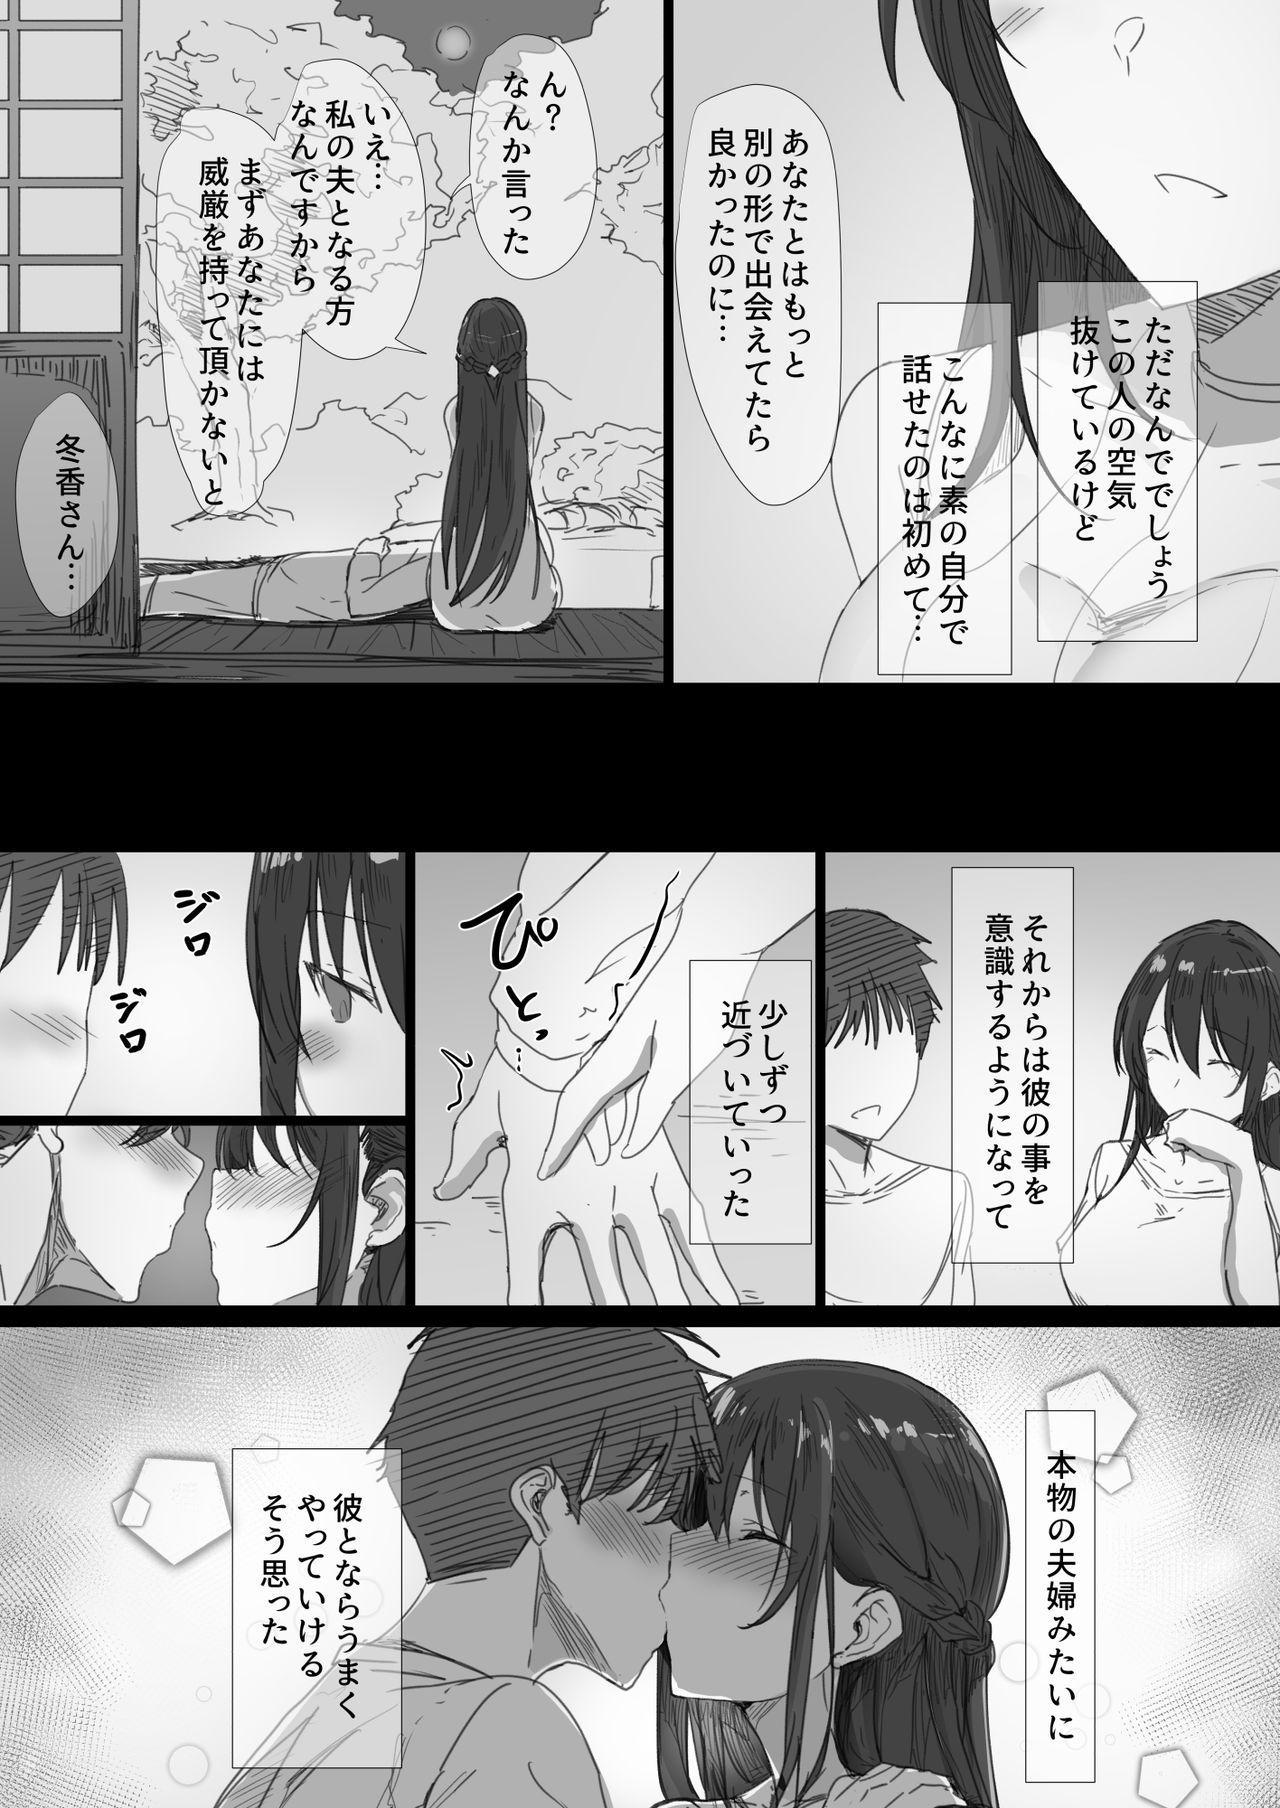 Ki ga Tsuyoi Seiso na Hitozuma Reijou ga Netorareru made no Ichibu Shijuu 9